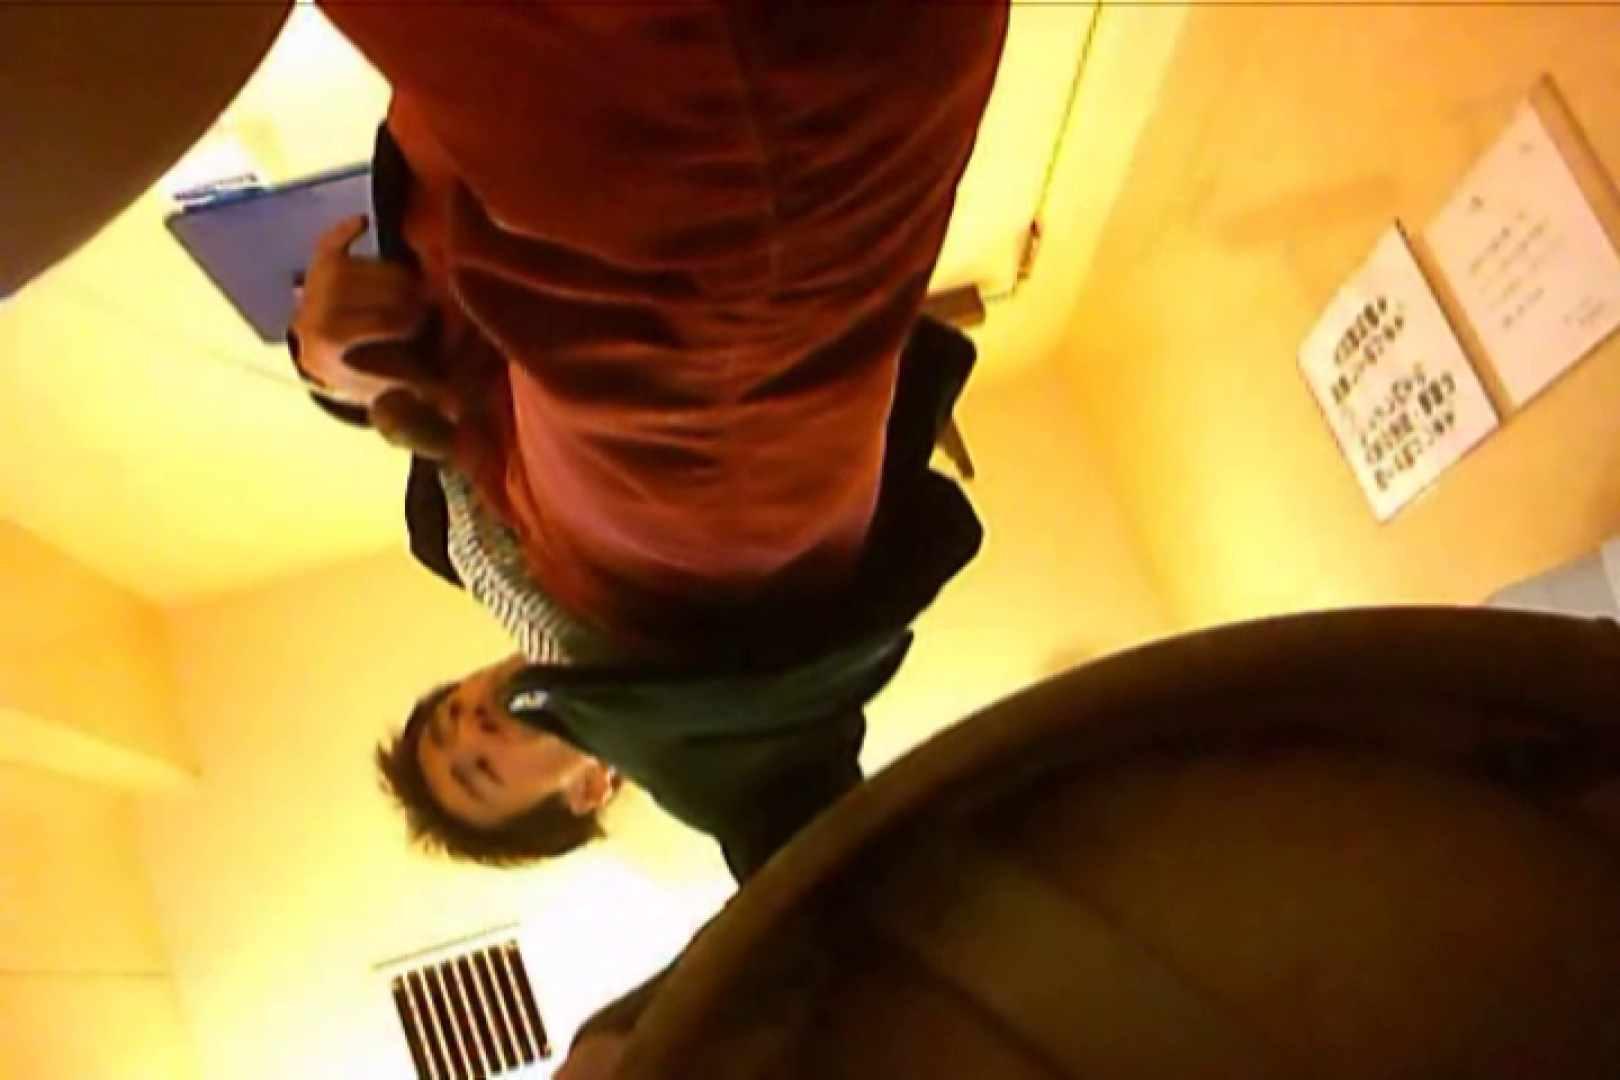 SEASON 2ND!掴み取りさんの洗面所覗き!in新幹線!VOL.04 サル系男子 ゲイ無修正ビデオ画像 63枚 32